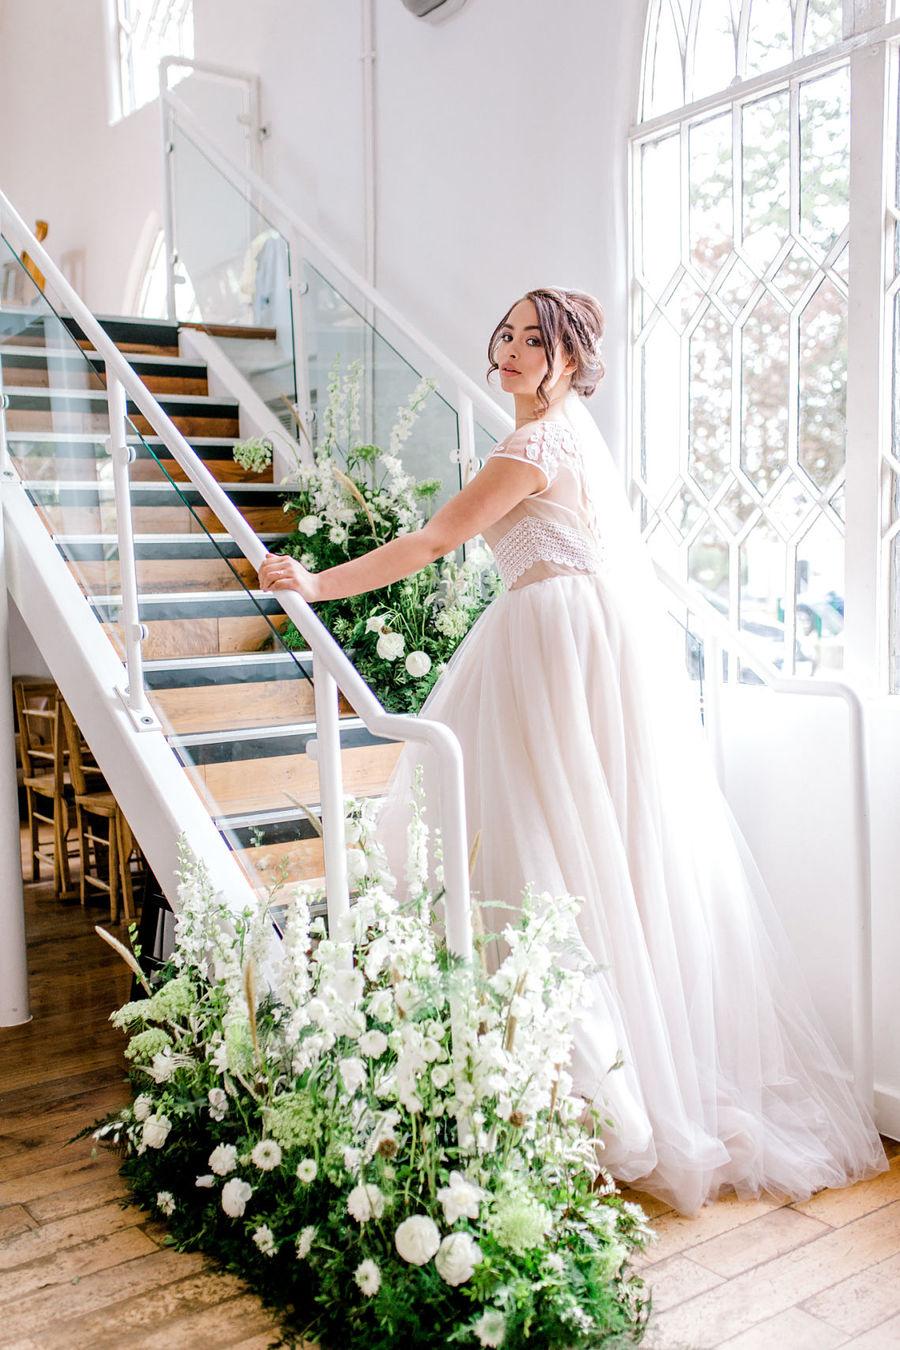 Minimal elegant wedding style ideas by Wildflower Wedding Planner Natasha, images Helene Elliott Photography (13)